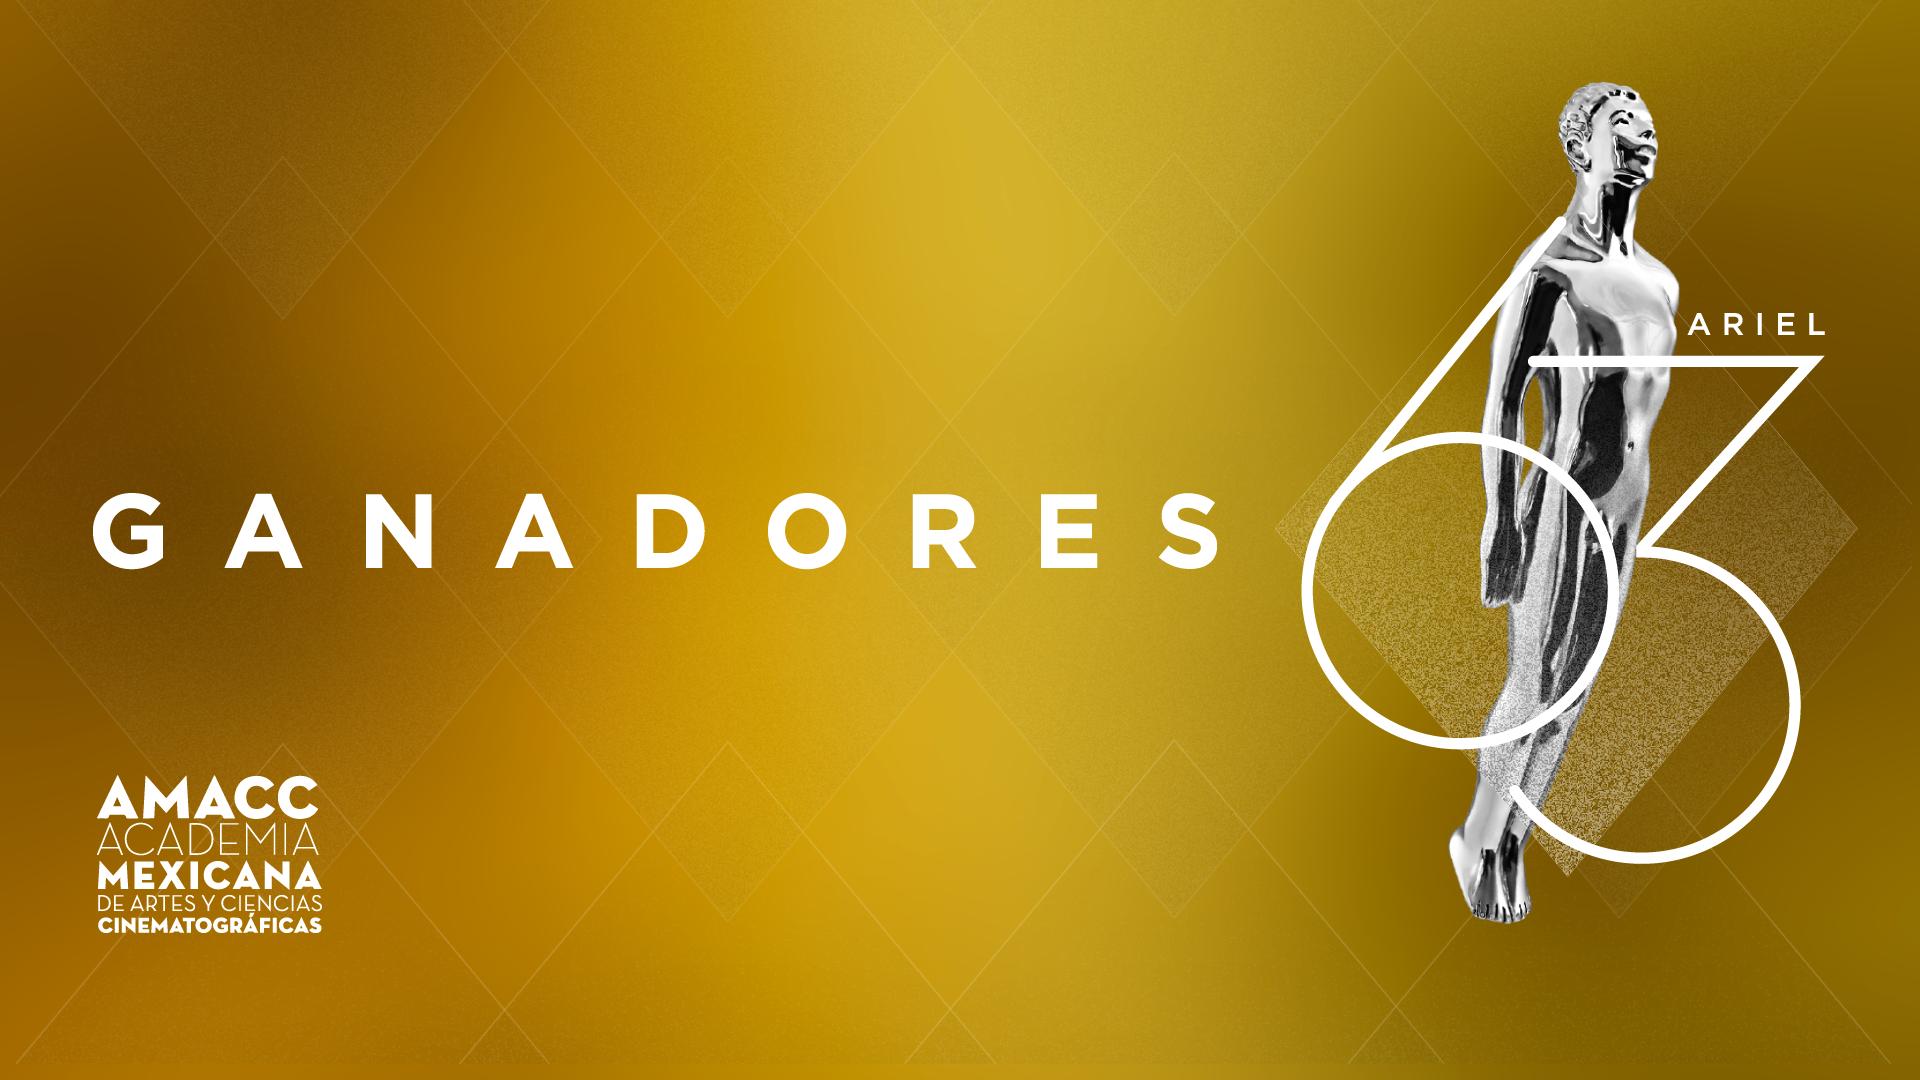 GANADORES ARIEL 63